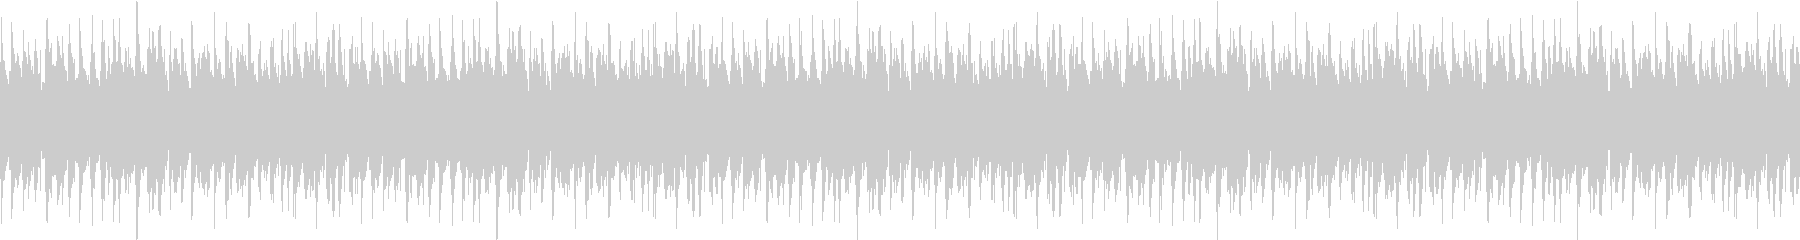 通電ループ1の未再生の波形